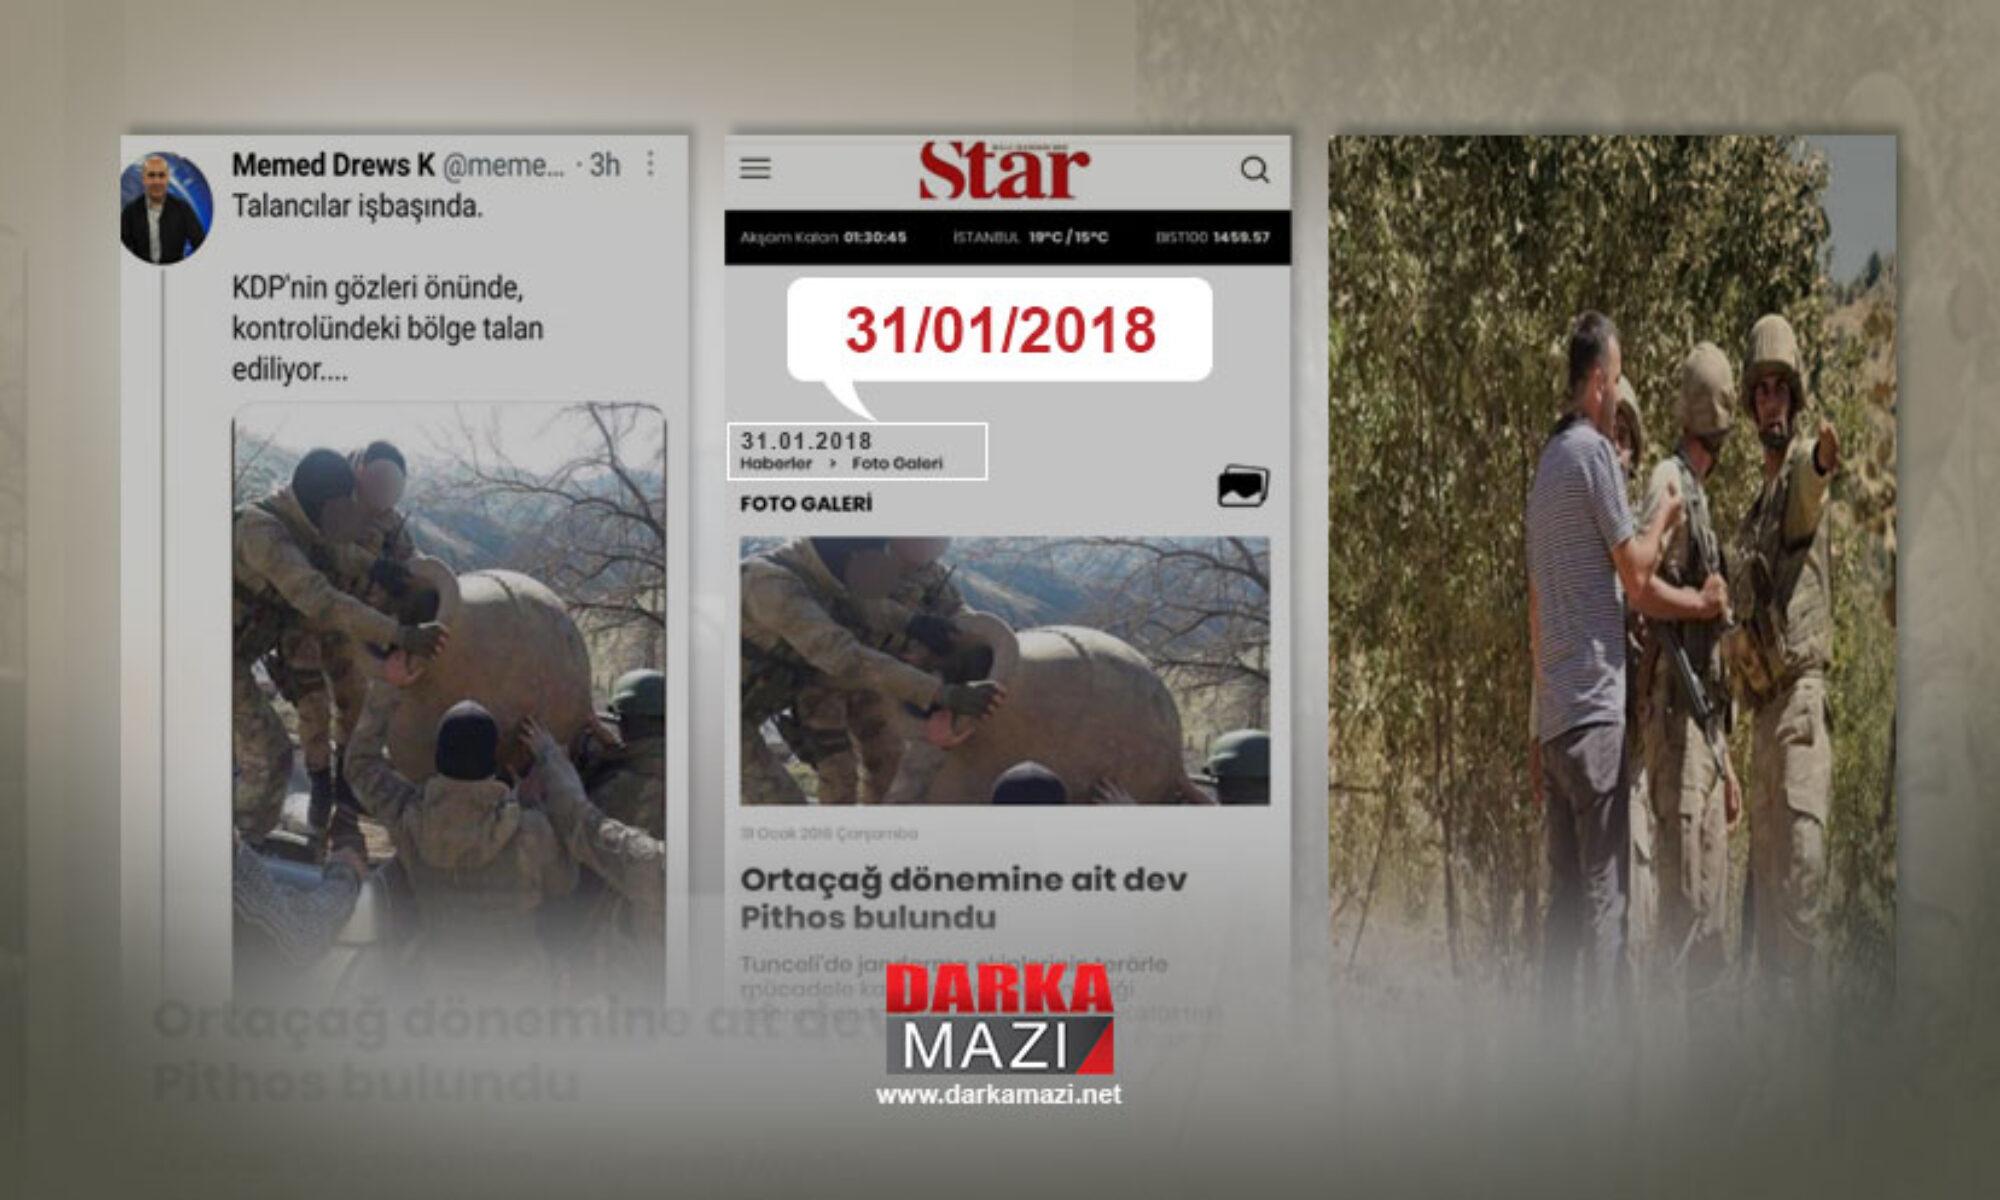 PKK Medyası yine yalan haber paylaştı Mehmet Derweş; Dersim, Pithos, operasyon, Zinare Keste, Çelkê, Hiror, Medya Savunma Alanları, Manipülasyon, PKK